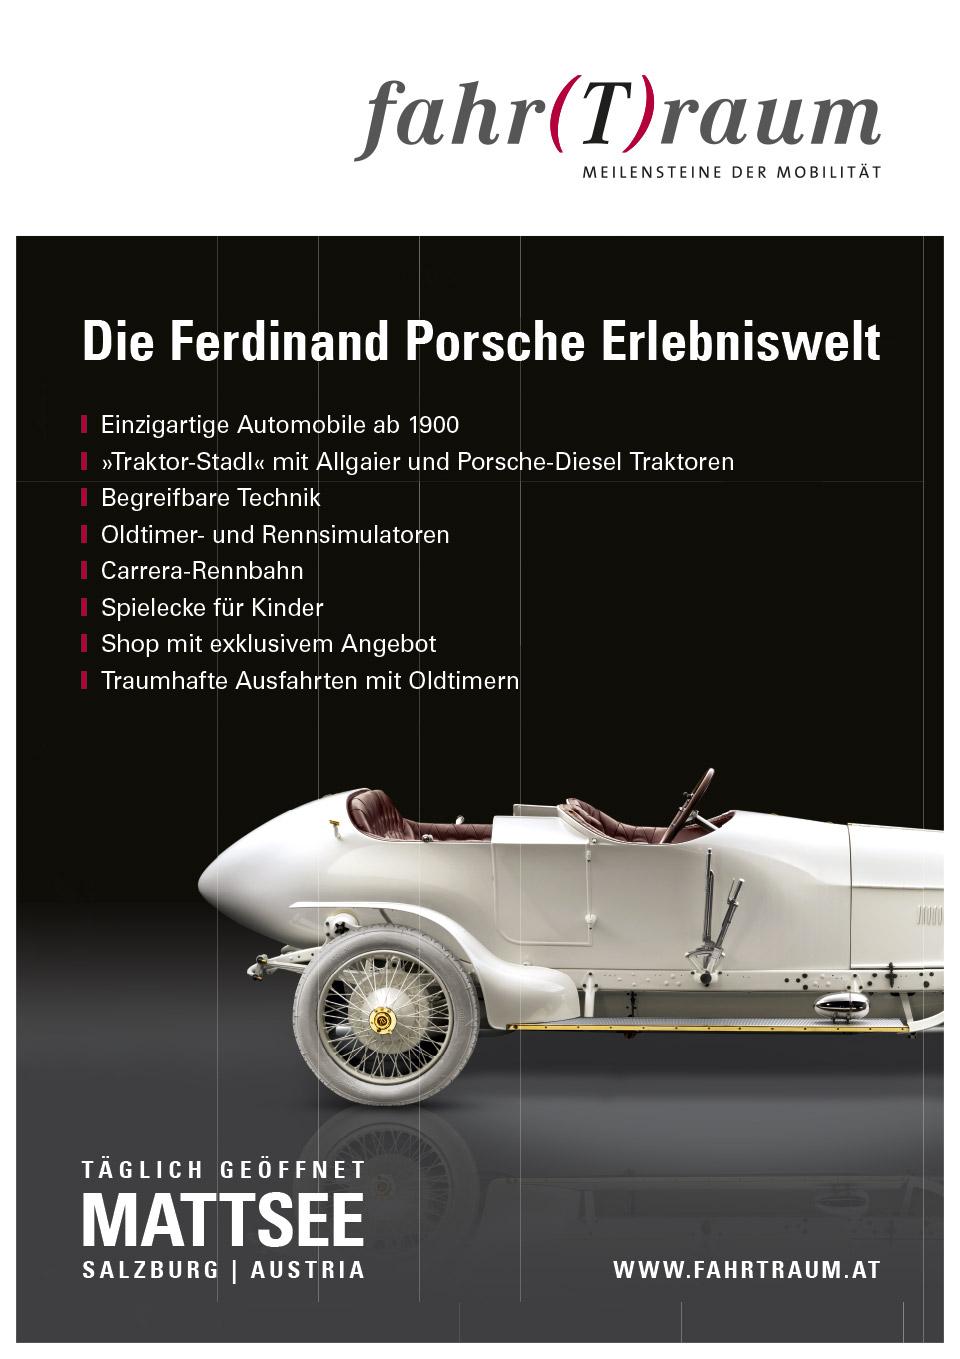 nachhaltiges grafik design salzburg 1410 fahrTraum Plakat Messe